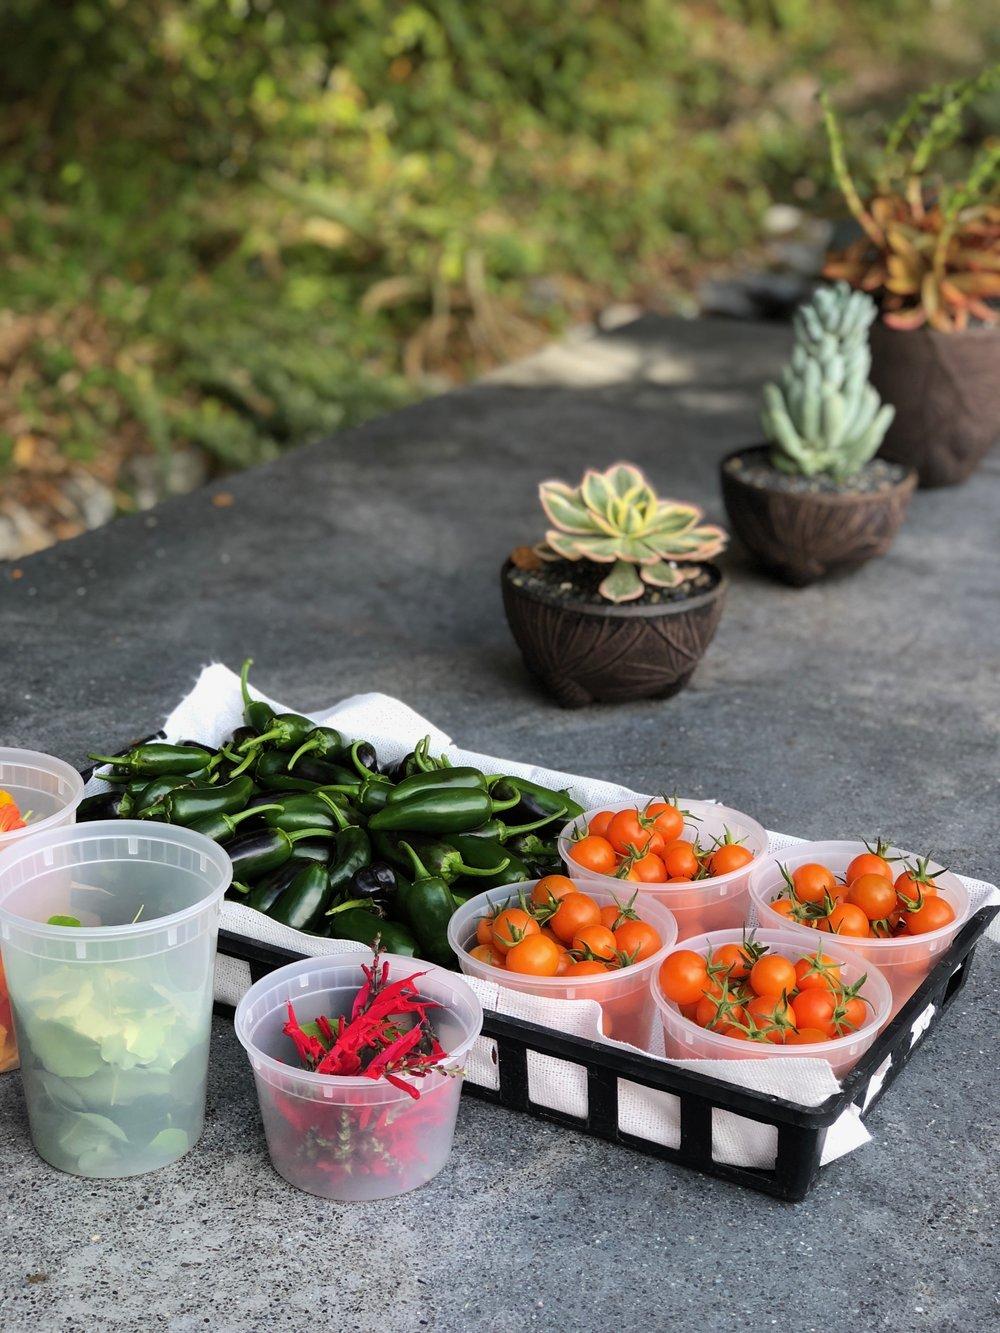 Chefs garden 3631.jpeg